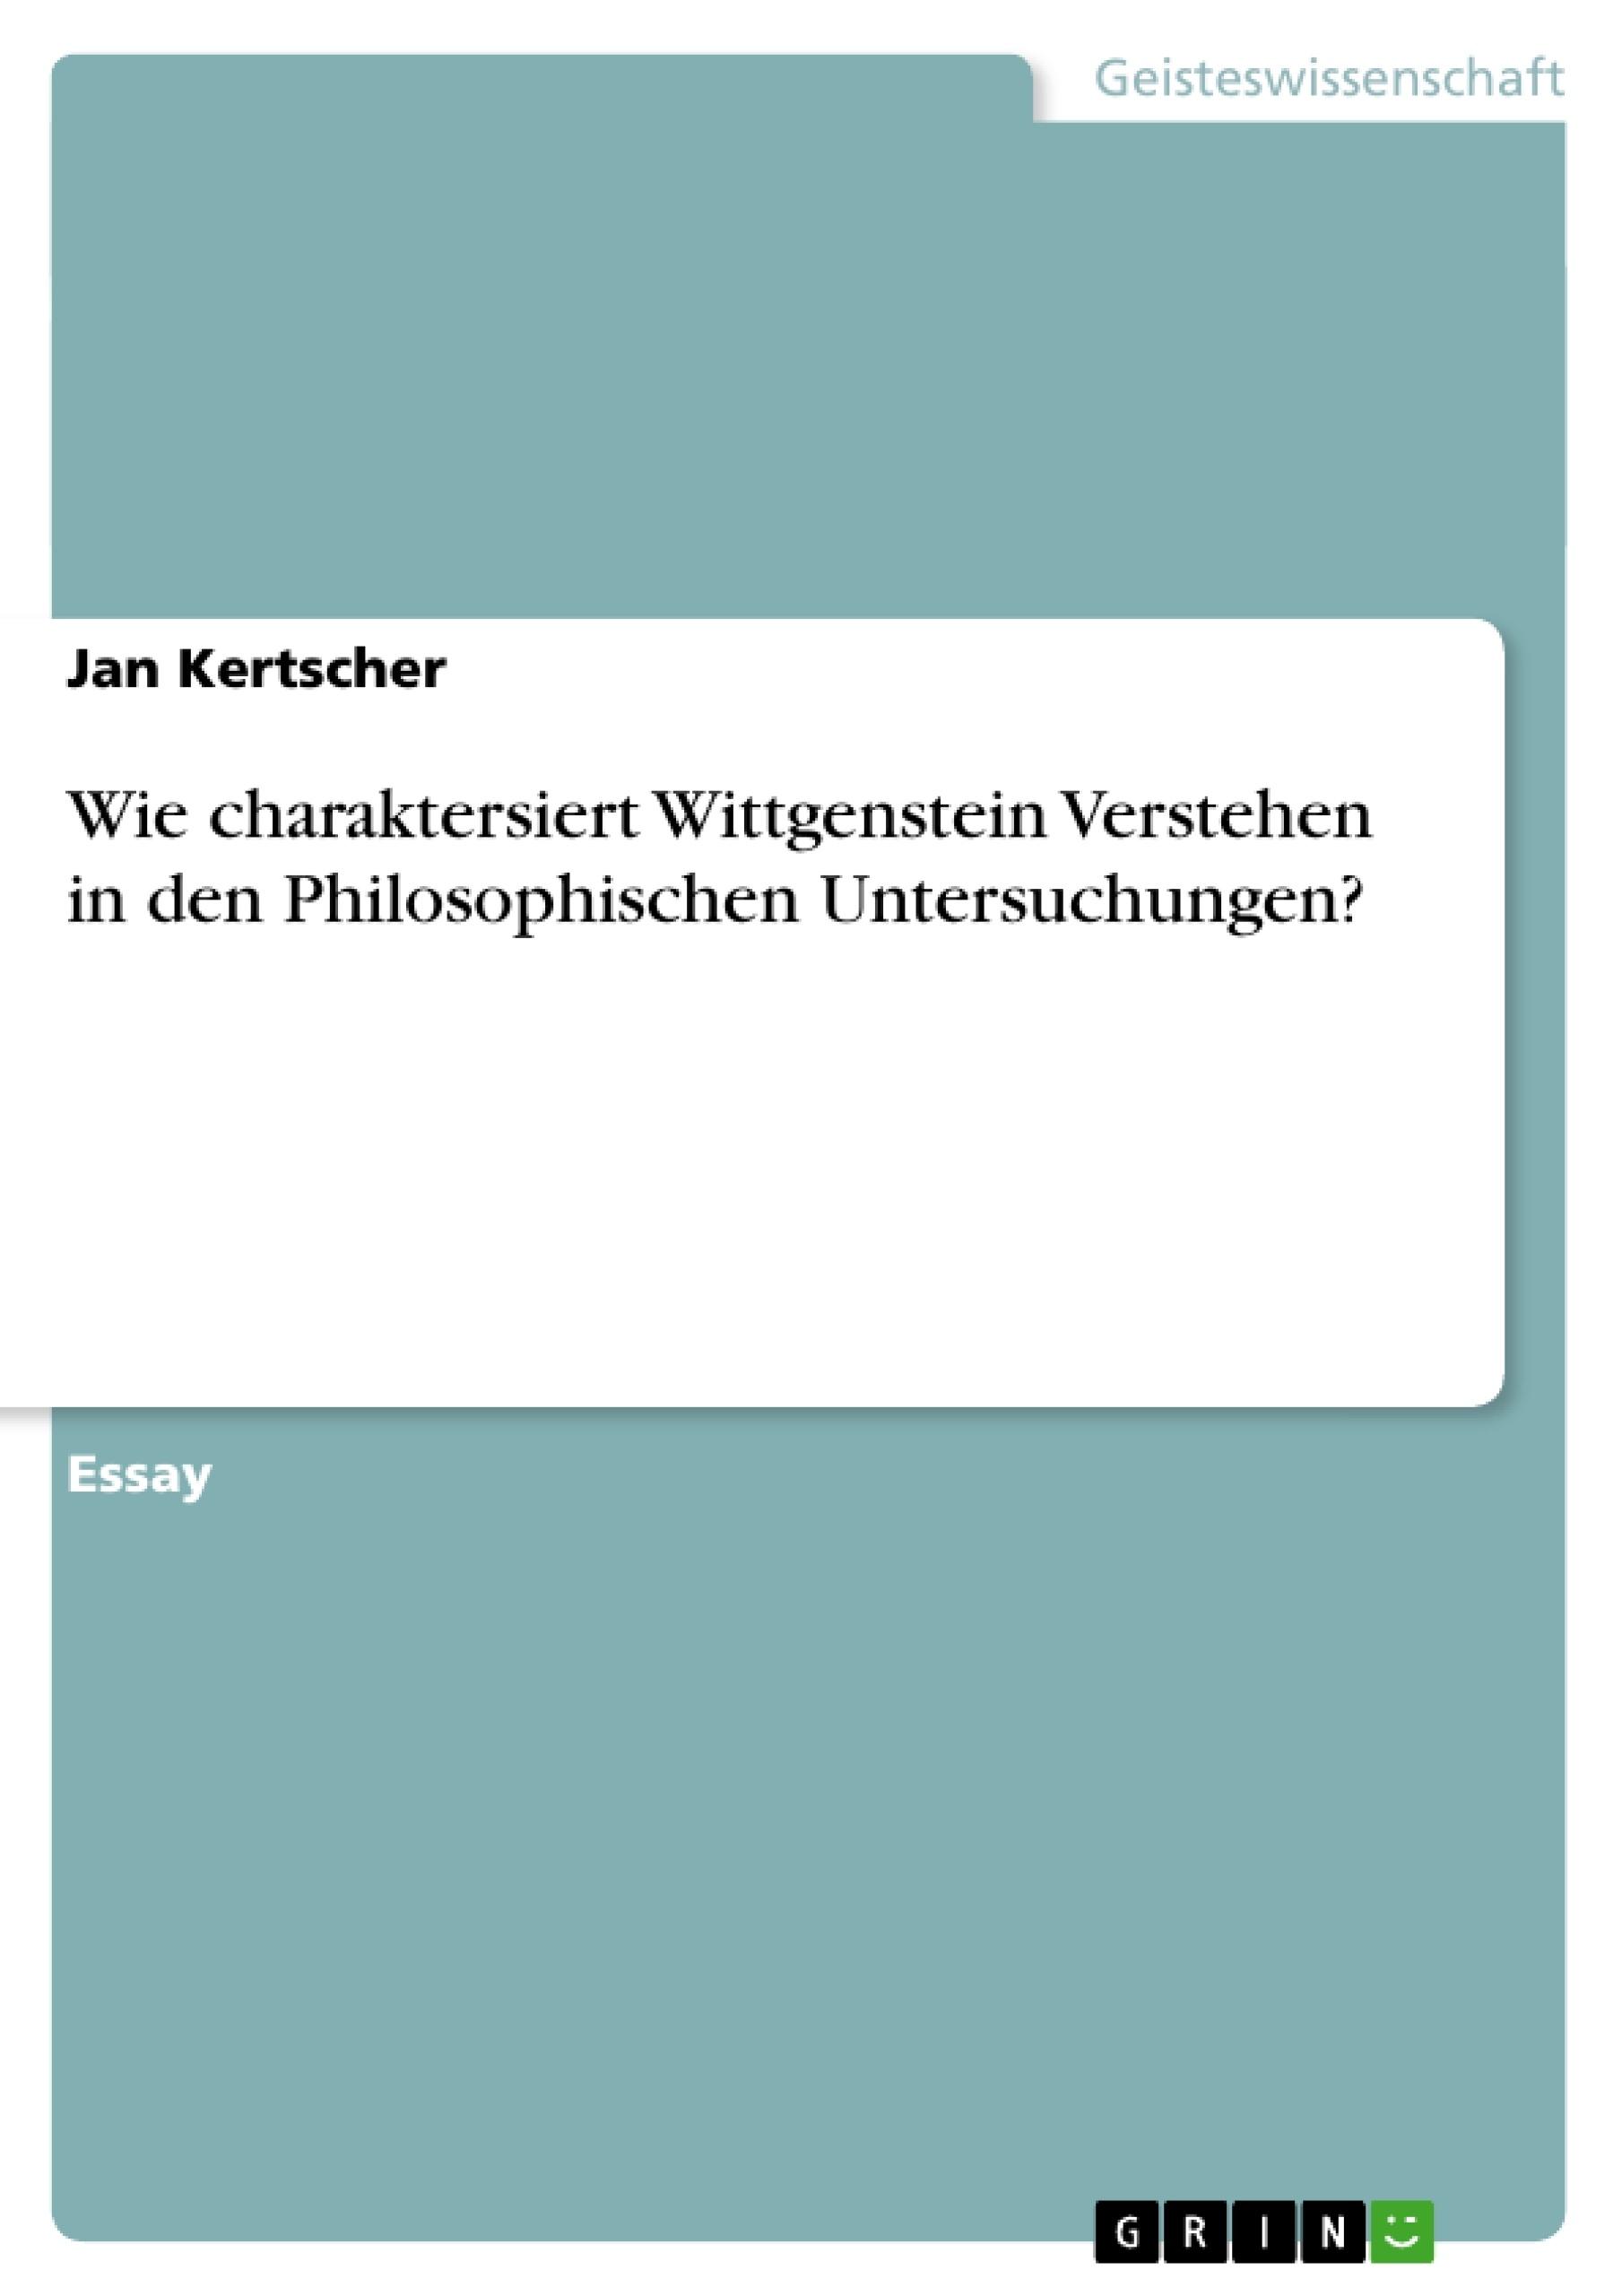 Titel: Wie charaktersiert Wittgenstein Verstehen in den Philosophischen Untersuchungen?